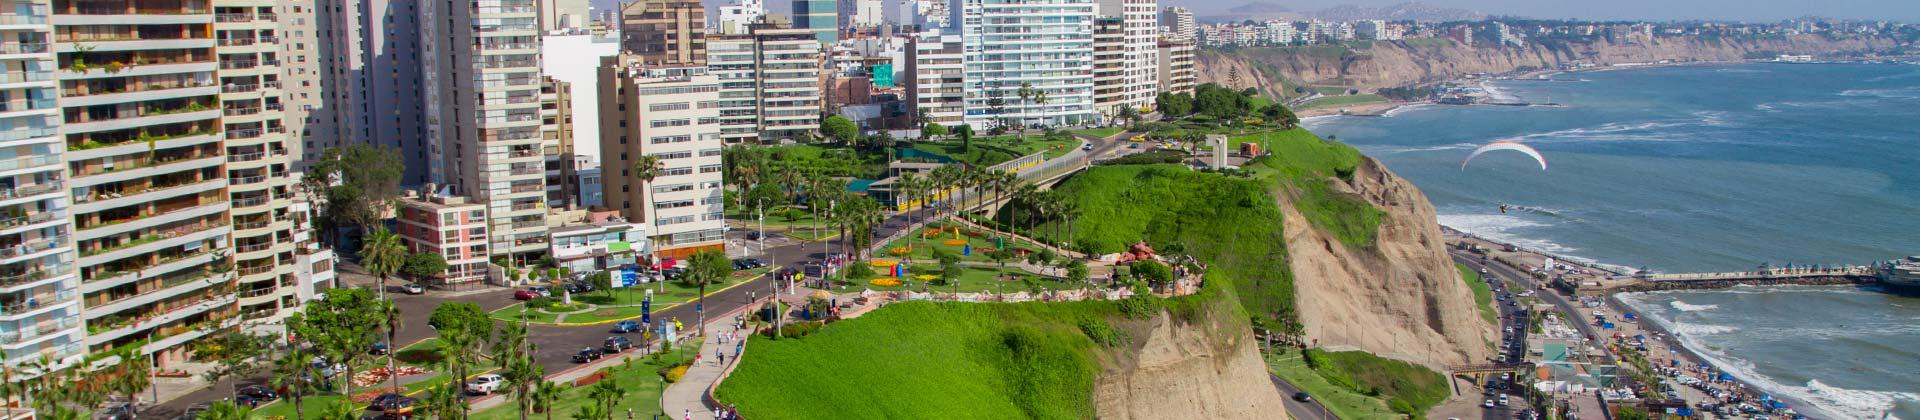 De kustlijn van Lima